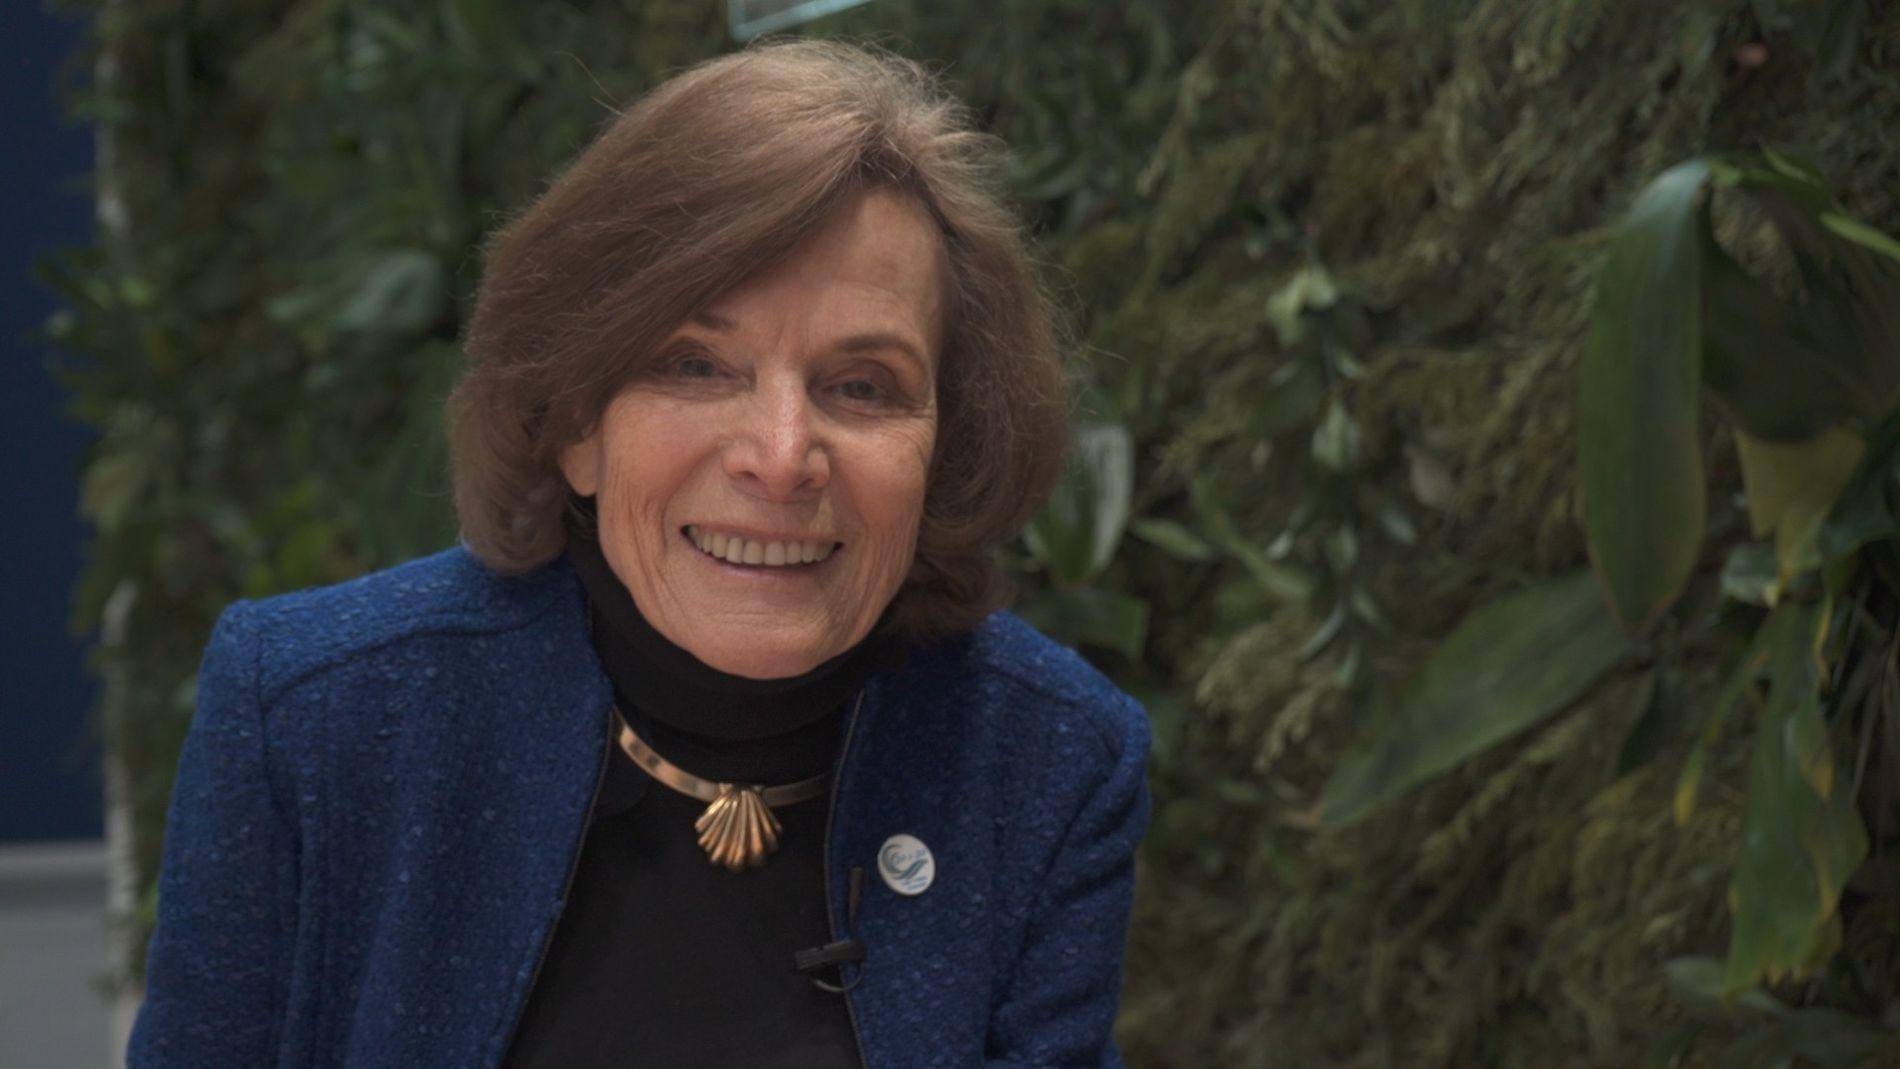 Blue COP: Entrevistamos a Sylvia Earle, oceanógrafa y exploradora de NatGeo